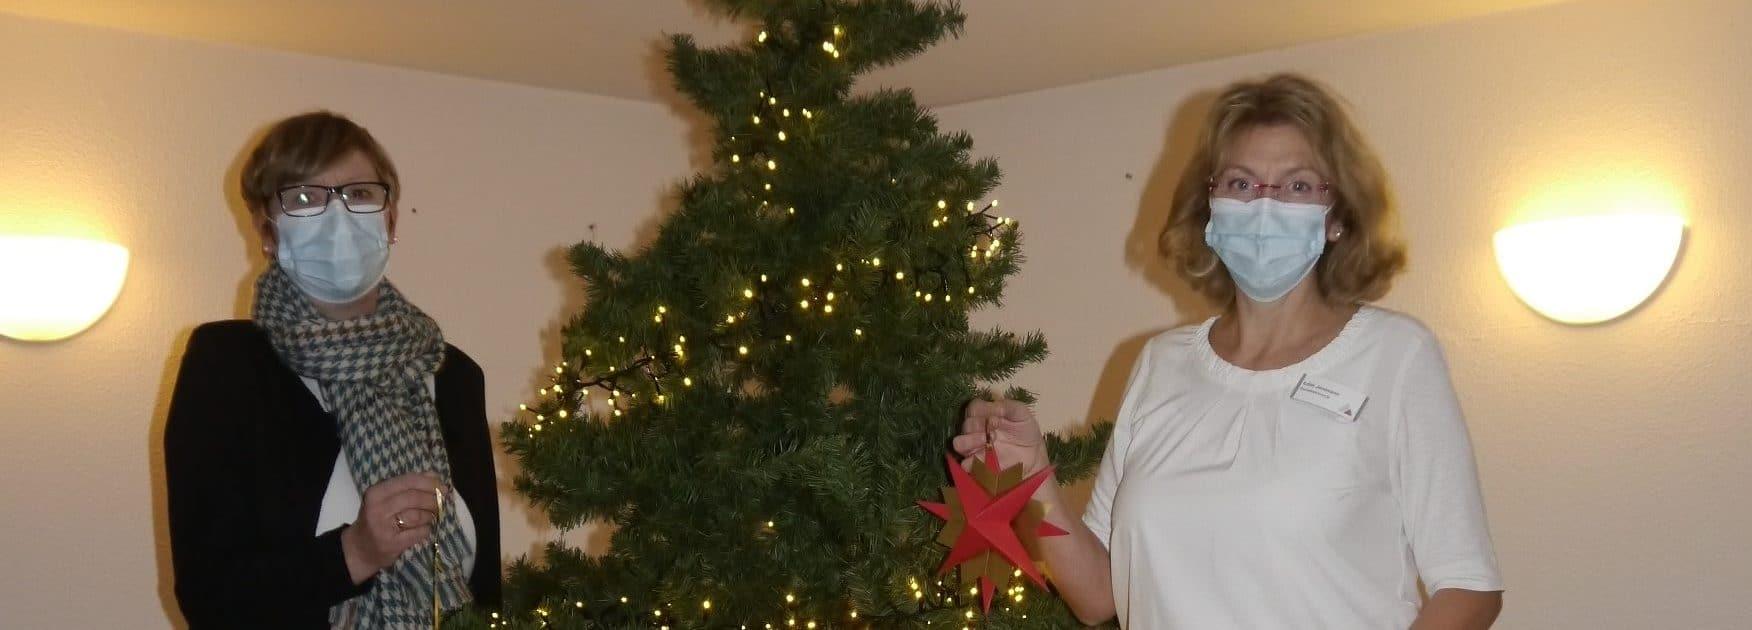 Weihnachtsschmuck von der Anna Katharina Gemeinde